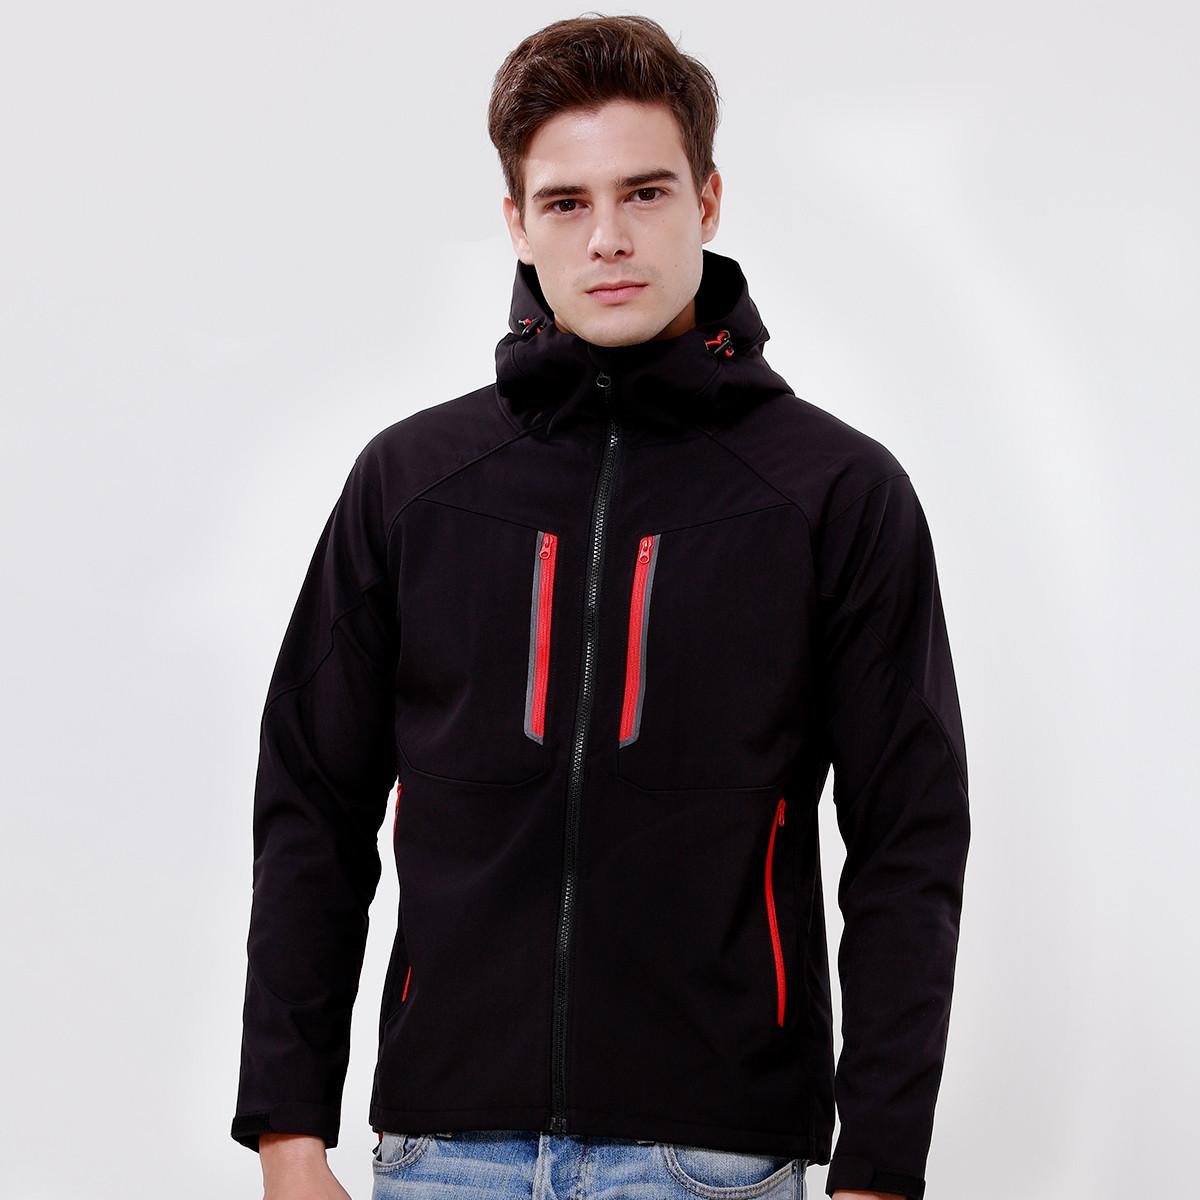 宝美秋冬新款 男款软壳衣 内里有抓绒舒适耐磨防风夹克保暖外套情侣款FRA83347C黑色